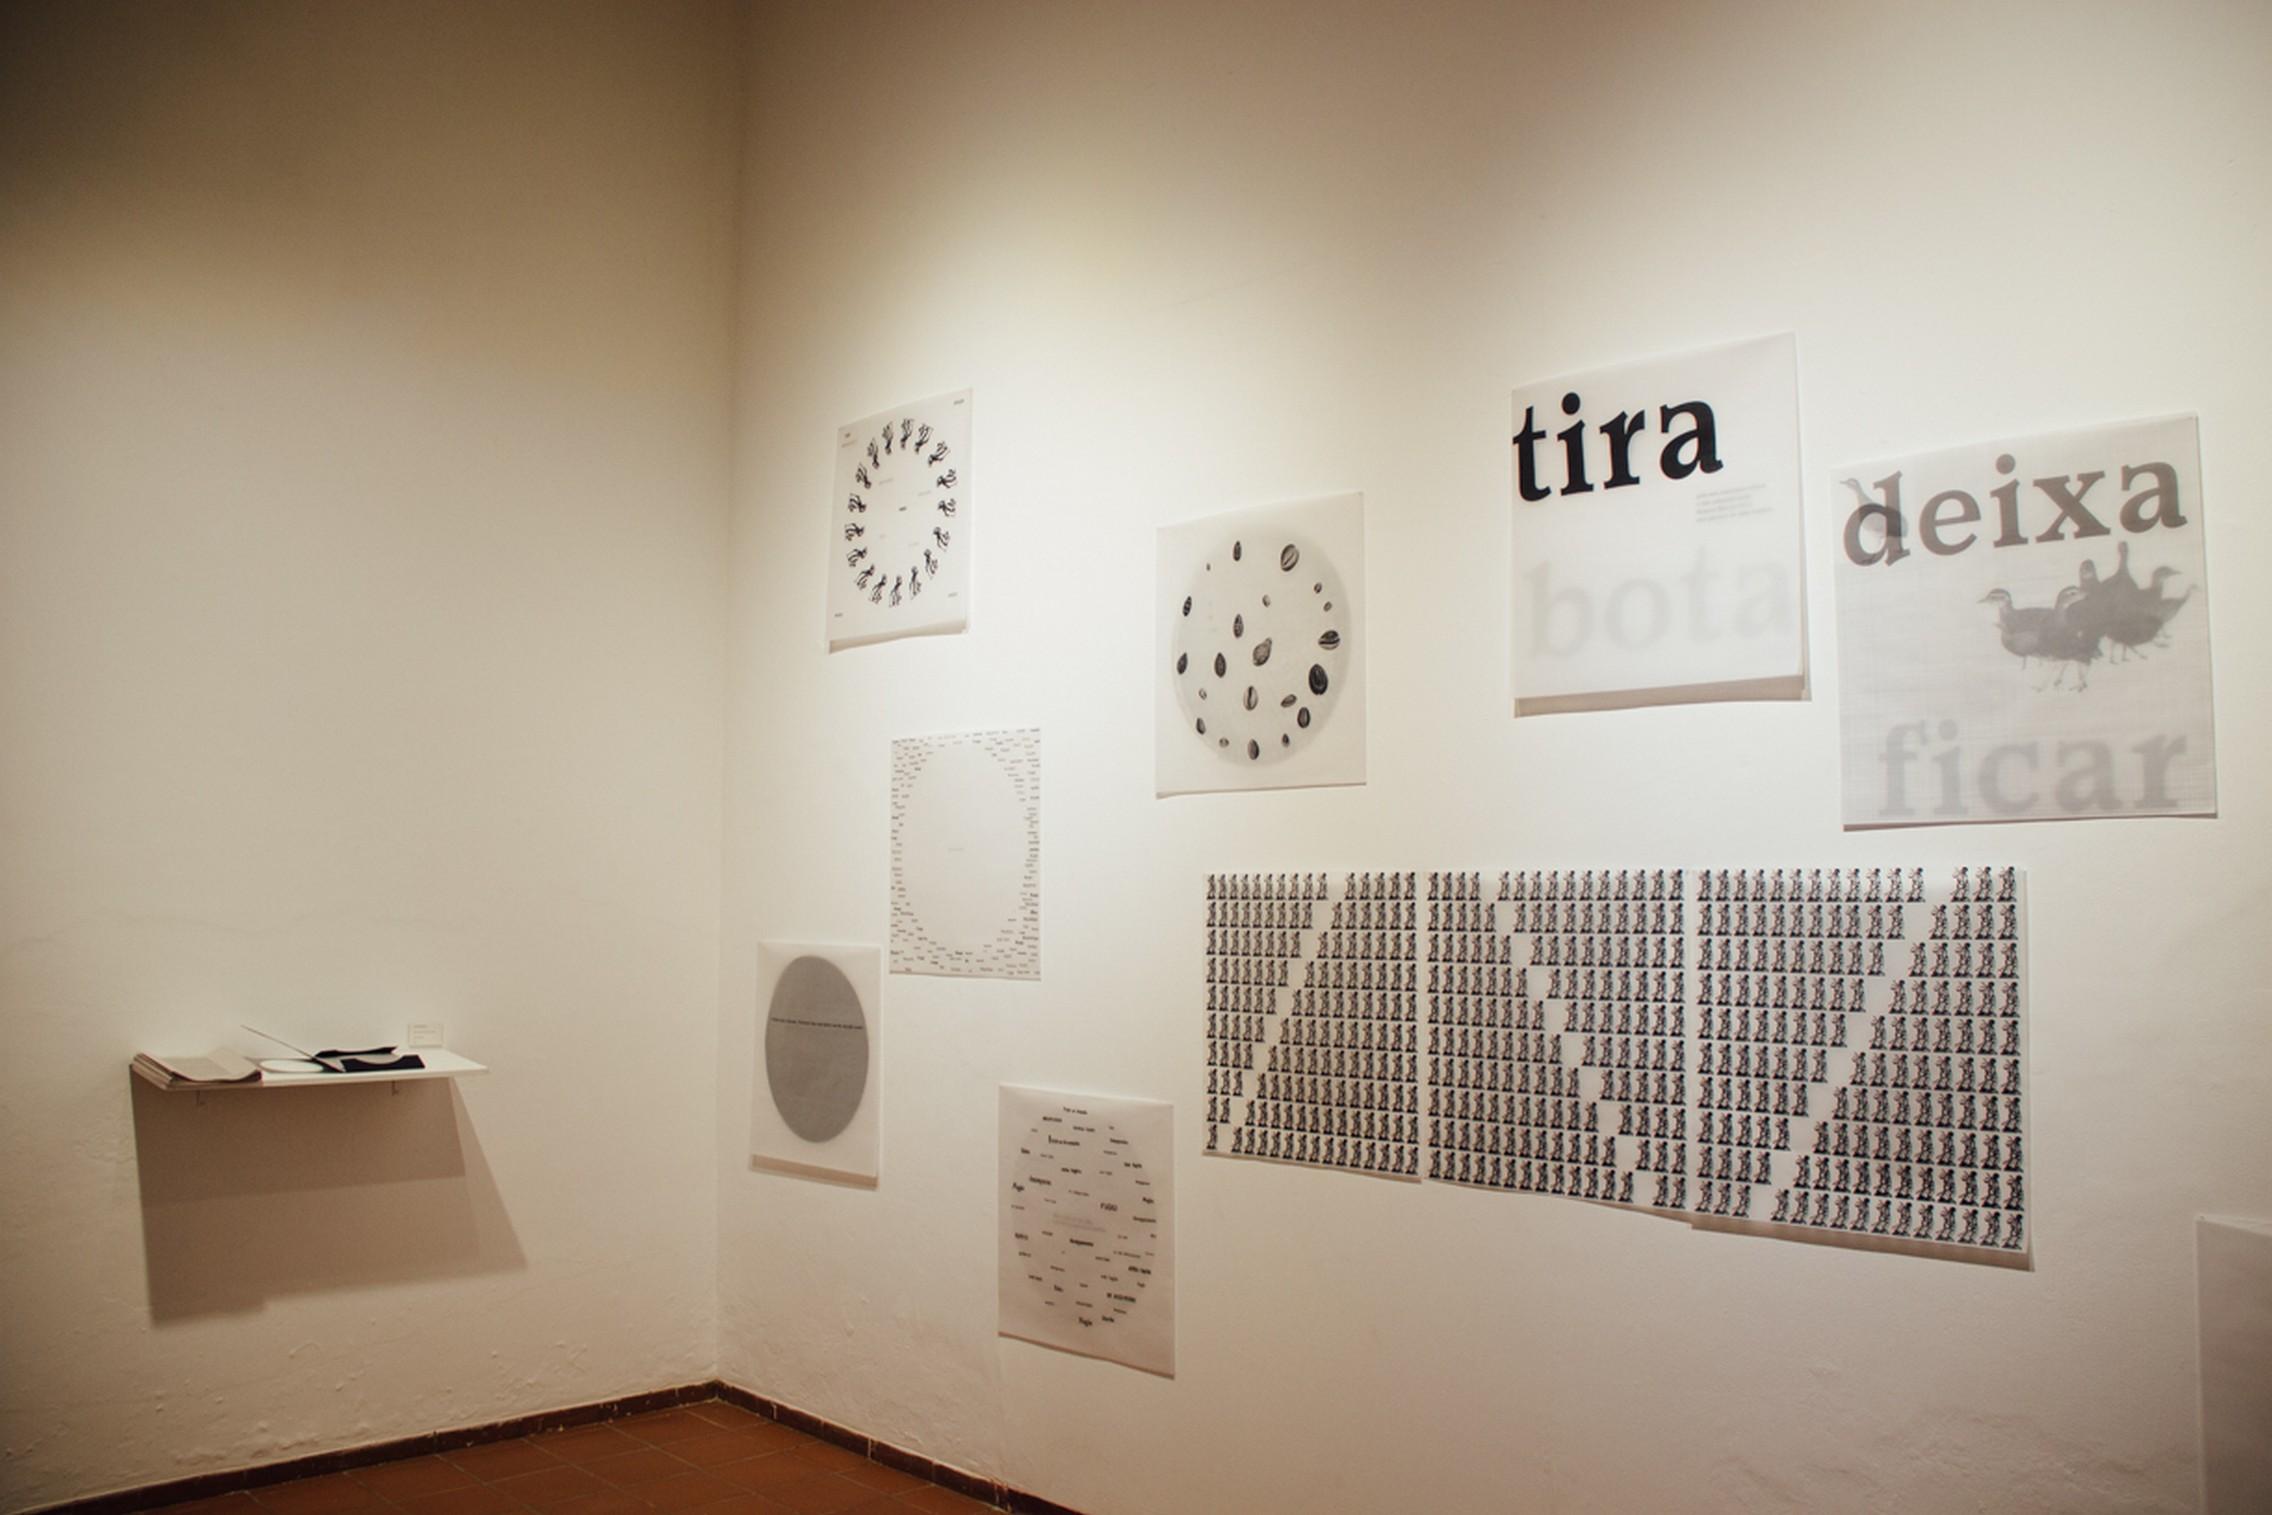 María Teresa Rojas Durán - Construcciones posibles (Aline Motta)